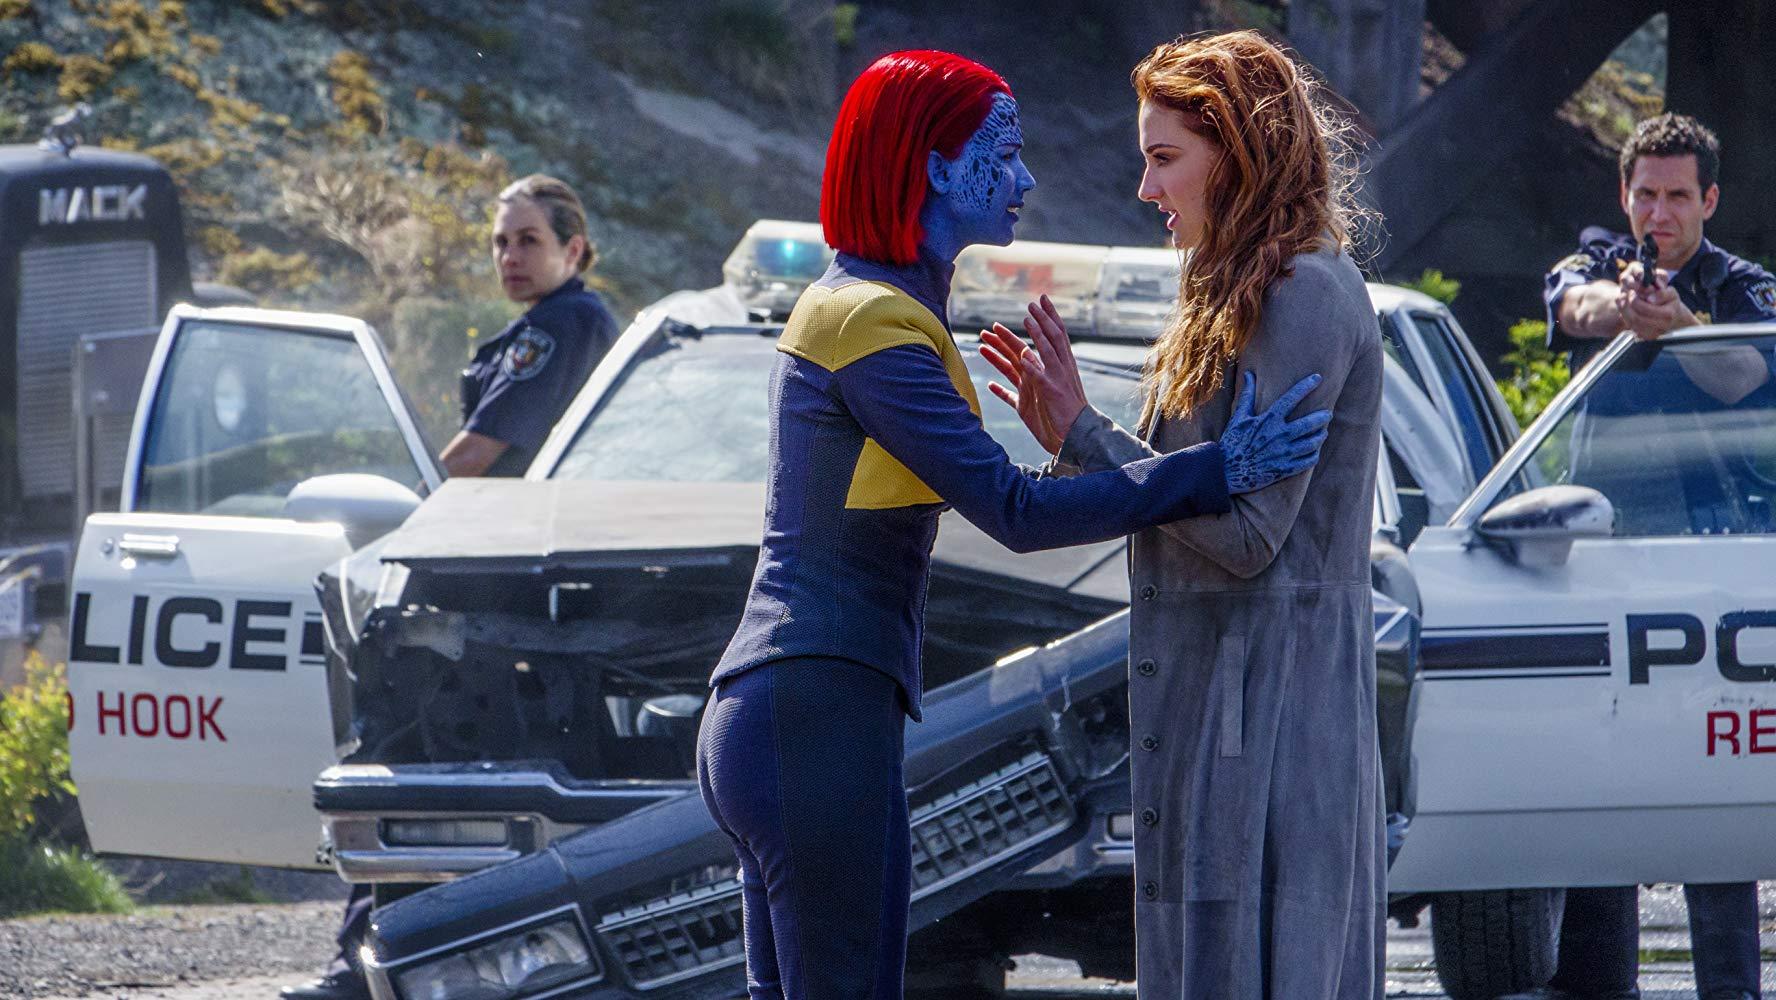 Reseña de la película X-Men: Dark Phoenix - Dark Phoenix (2019)